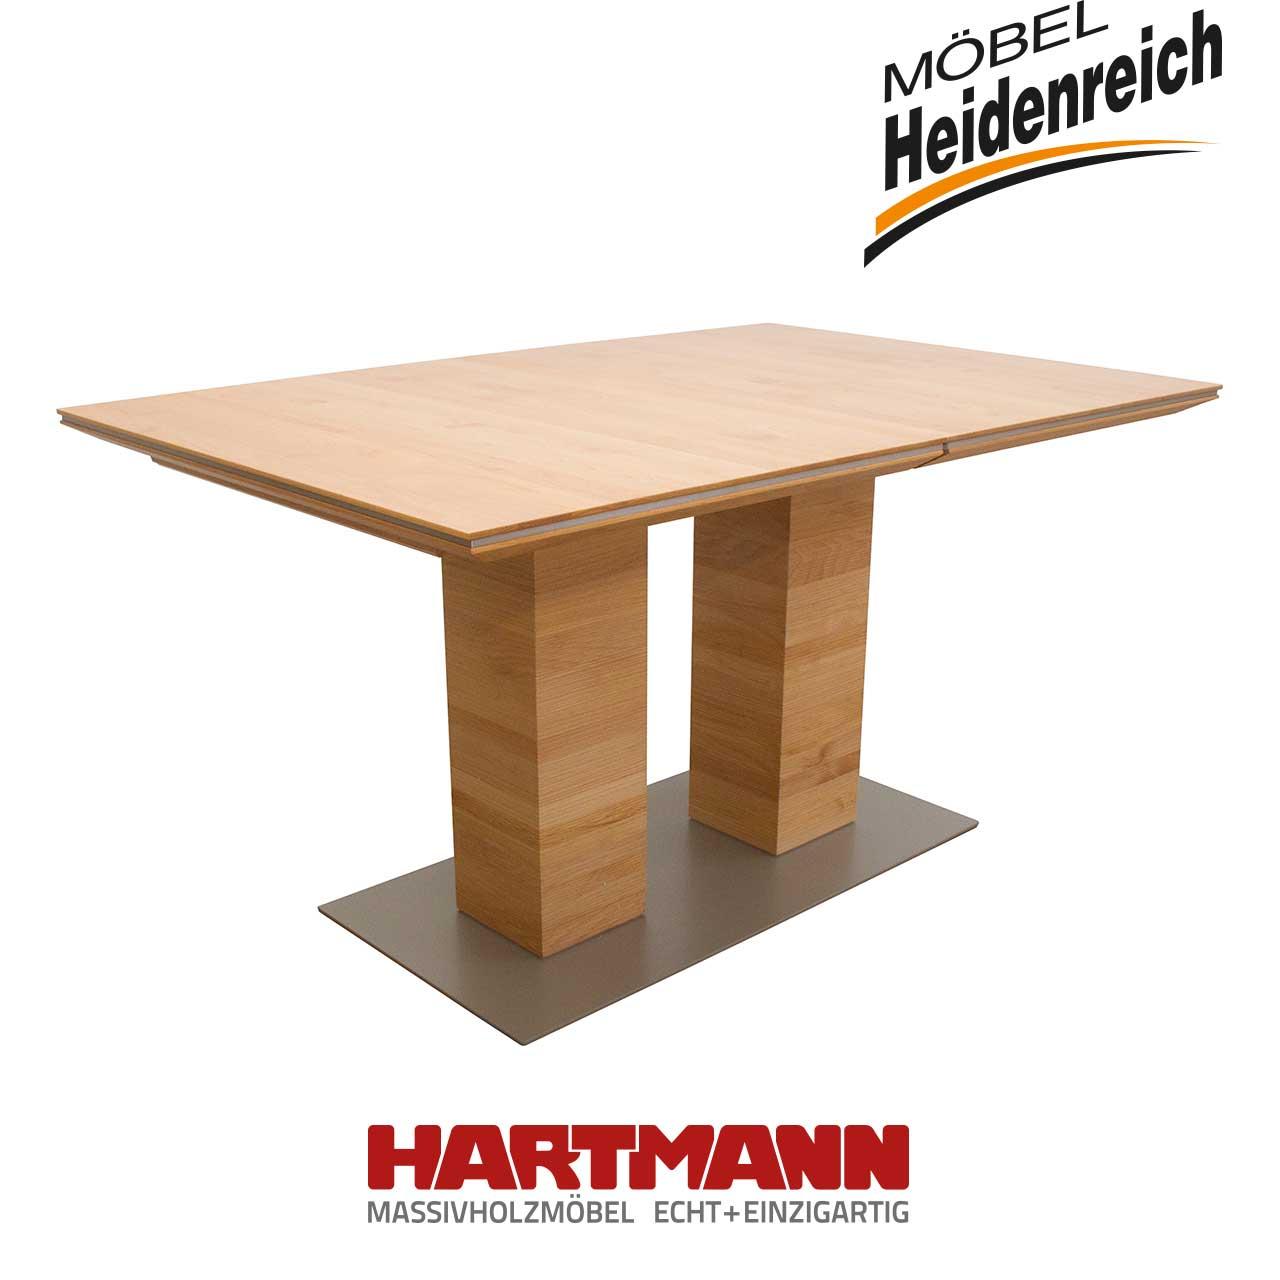 Ziemlich Hartmann Massivholzmöbel Fotos - Die Designideen für ...